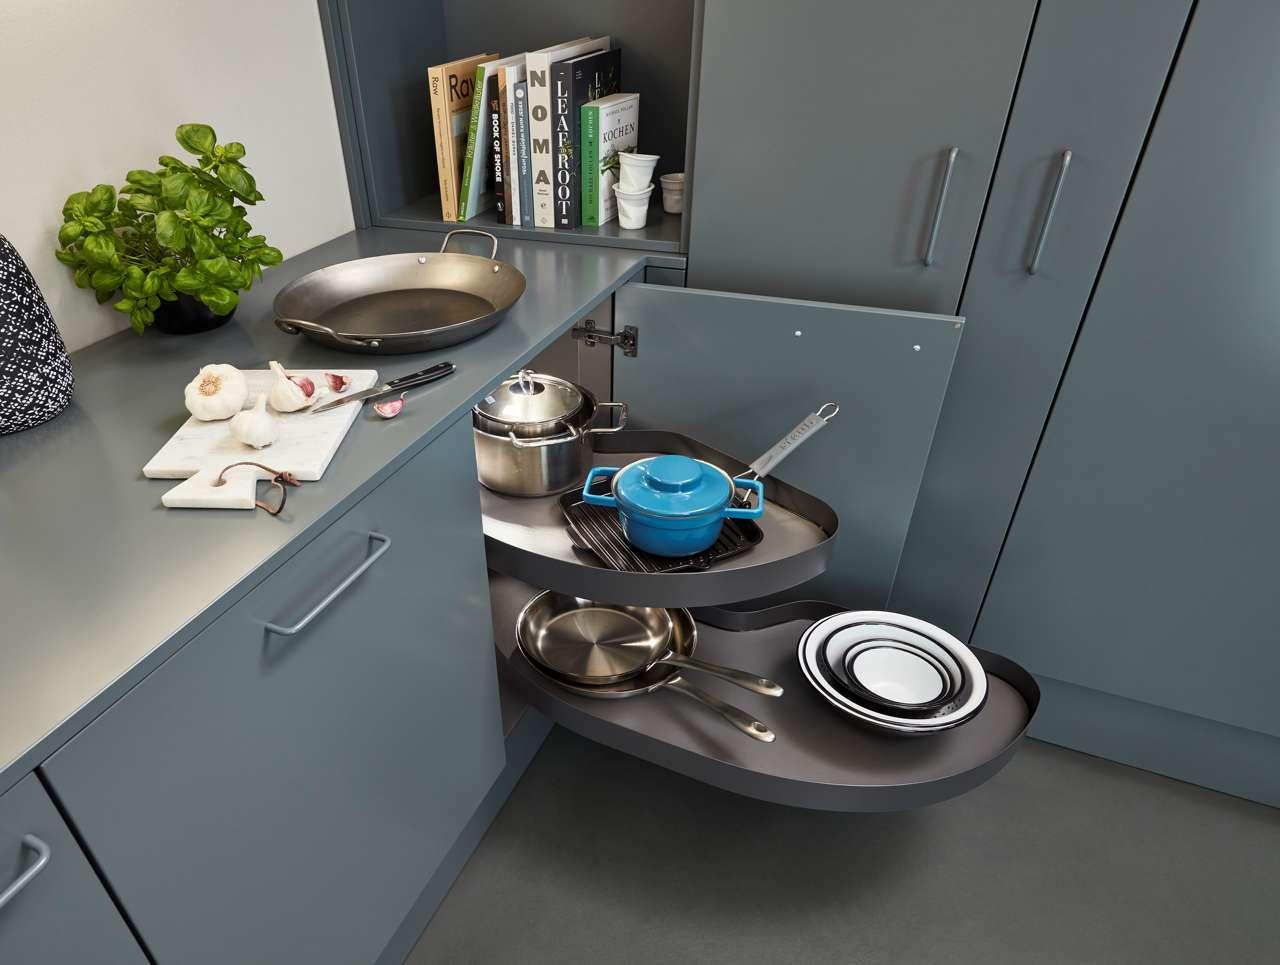 Moderne Küchen Zeichnen Sich Durch Eine Optimale Und Ergonomisch Sinnvolle  Nutzung Des Stauraums Aus. Foto: AMK